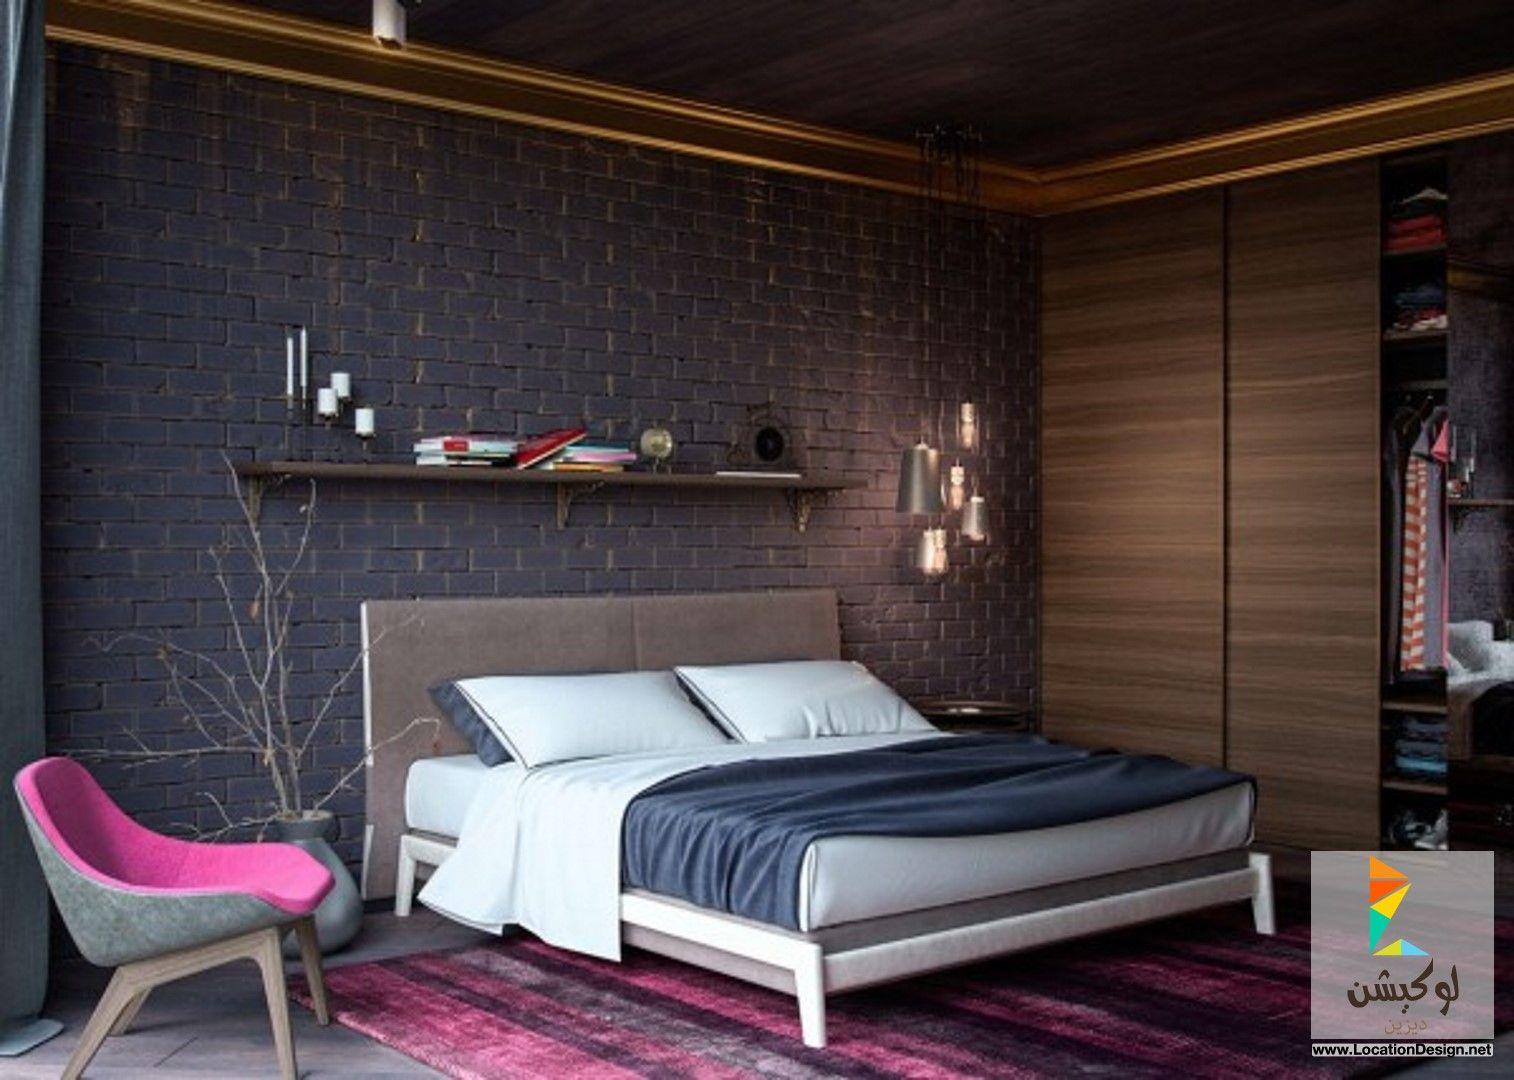 افضل 10 صور للأرقى وأجمل تصاميم غرف نوم مودرن   لوكشين ديزين . نت